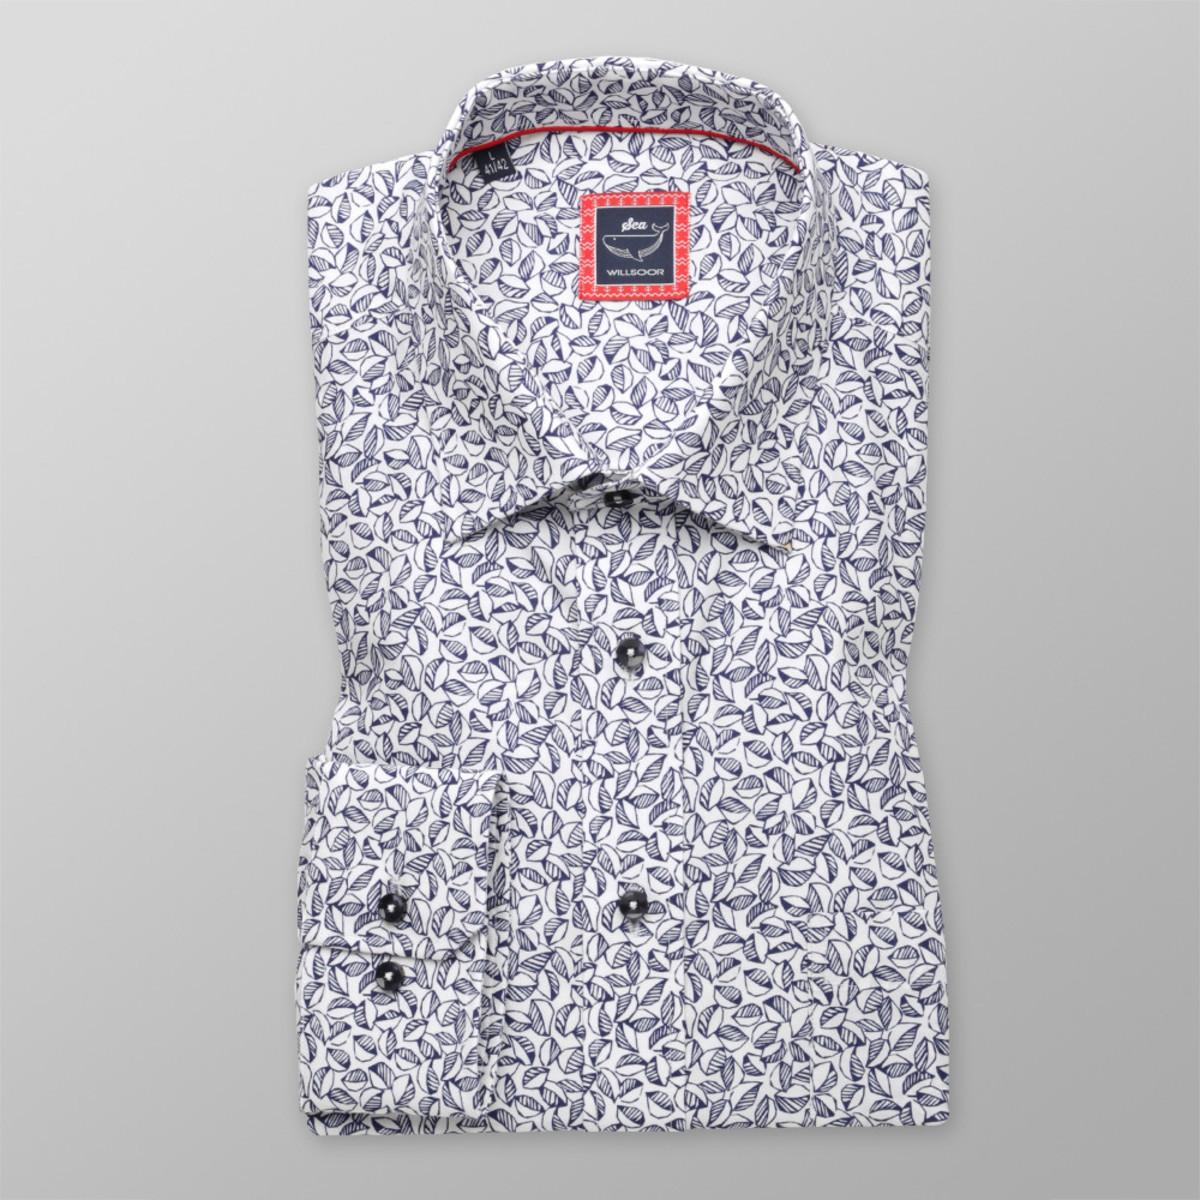 Košile Classic (výška 176-182) 9290 176-182 / L (41/42)